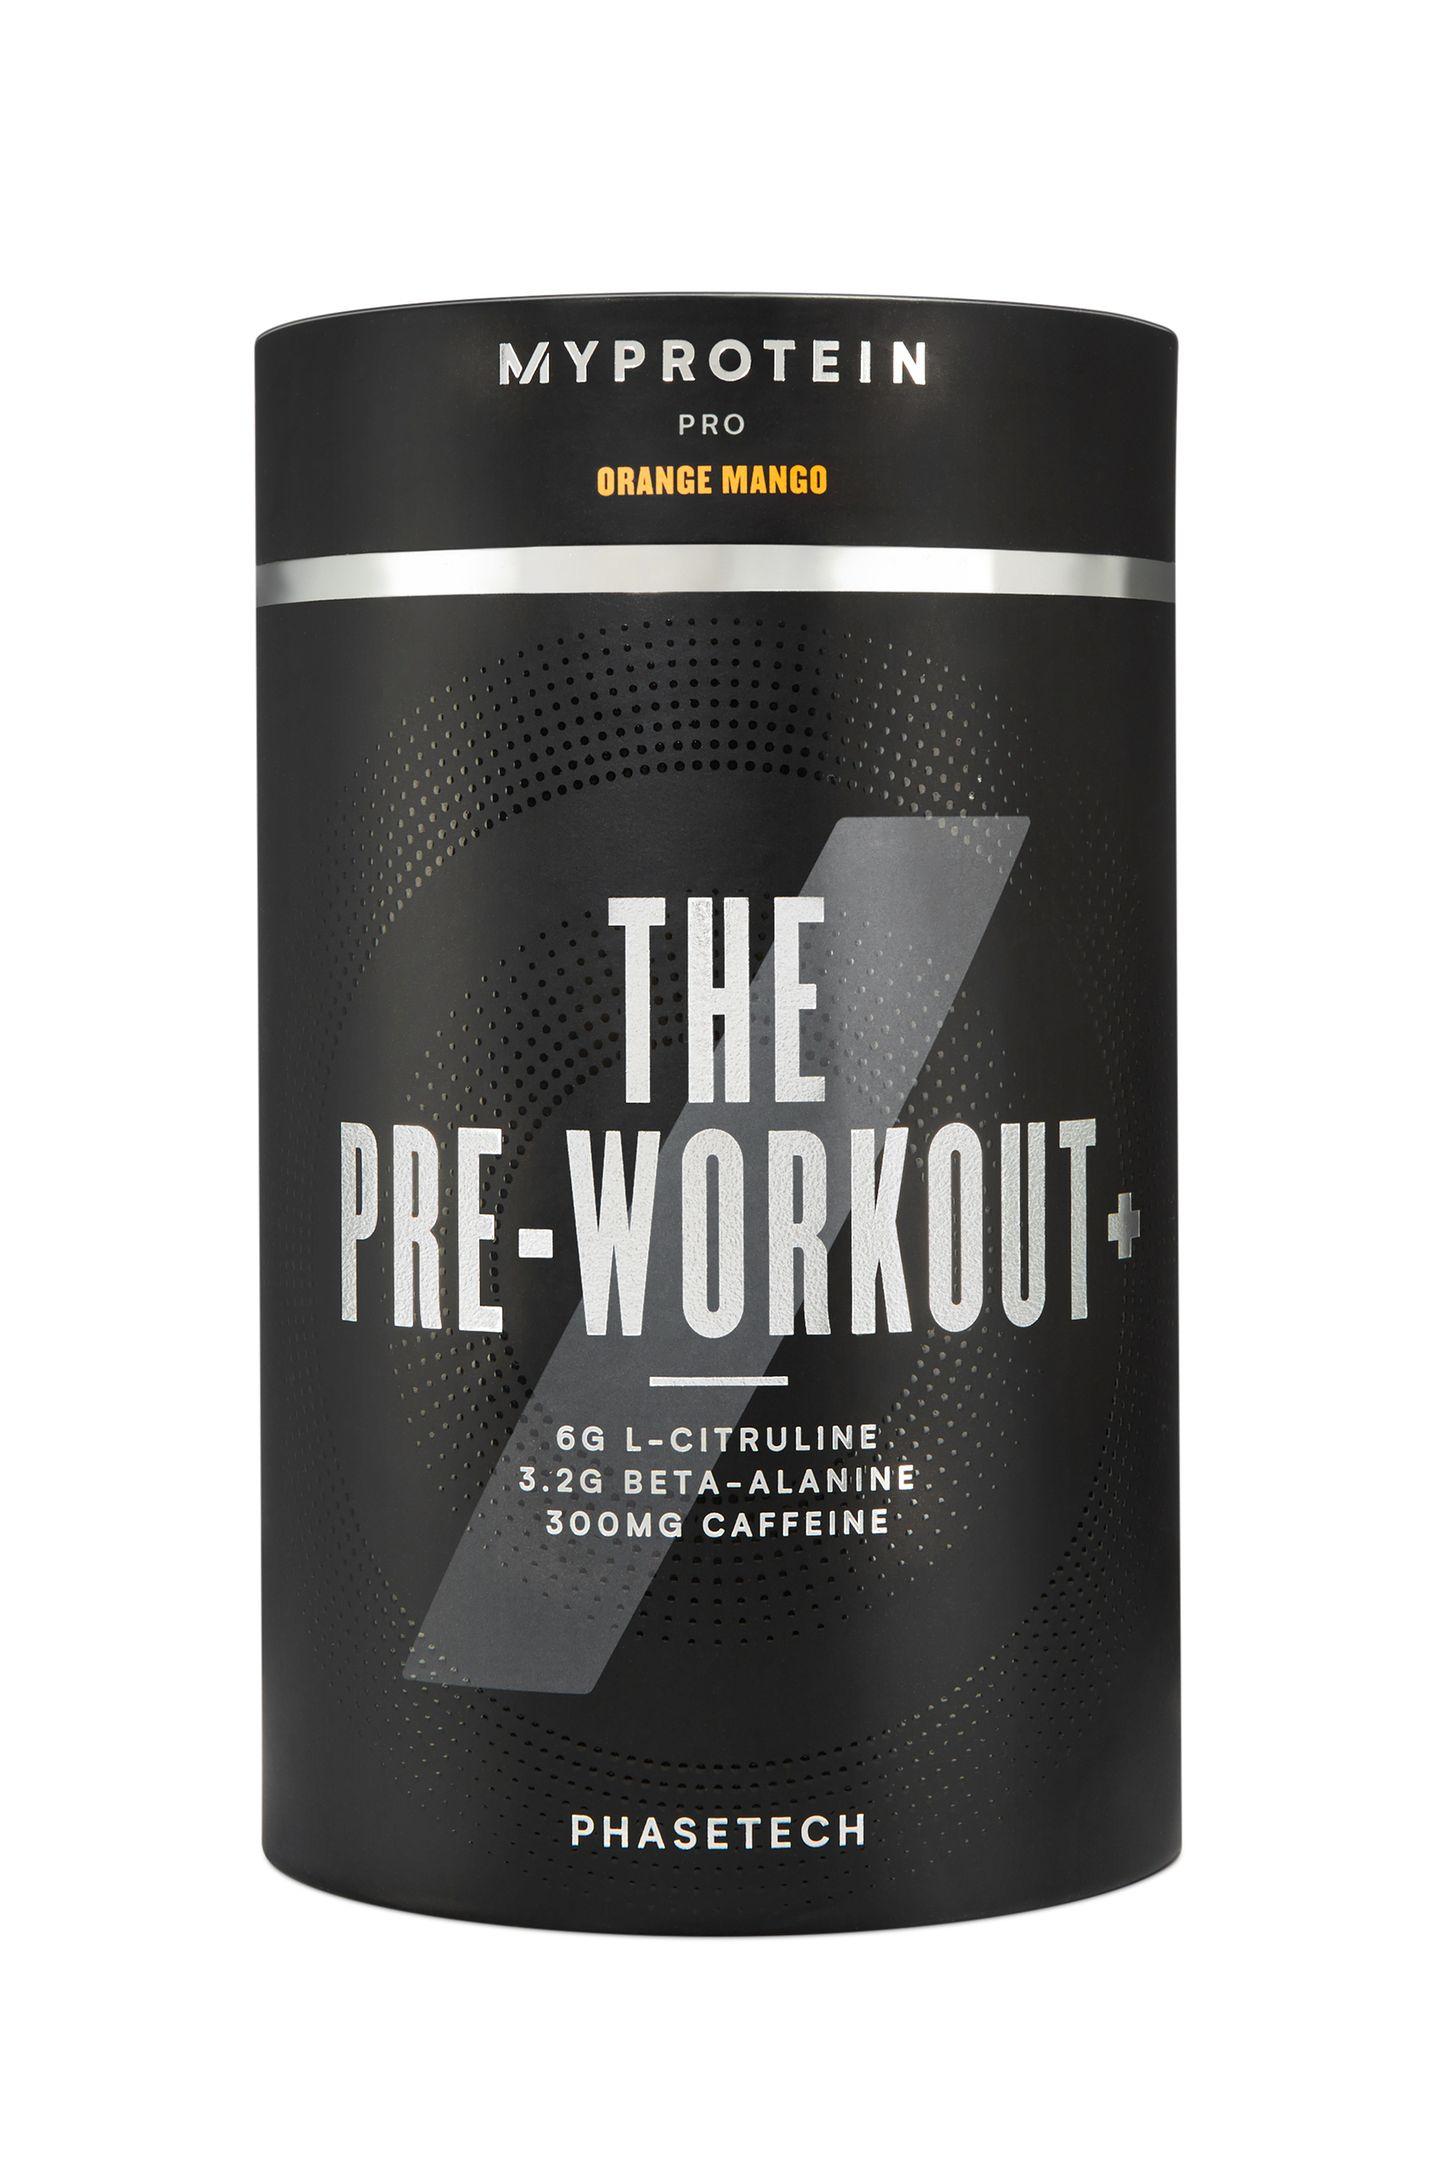 """Das """"THE Pre-Workout+"""" mit PhaseTech-Technolgie beschert jedem Sportler ein Mega-Training. Es wird vor dem Workout mit Wasser getrunken und hält anchließend die maximale Leistungsfähigkeit länger aufrecht.Von Myprotein, ca. 33 Euro"""